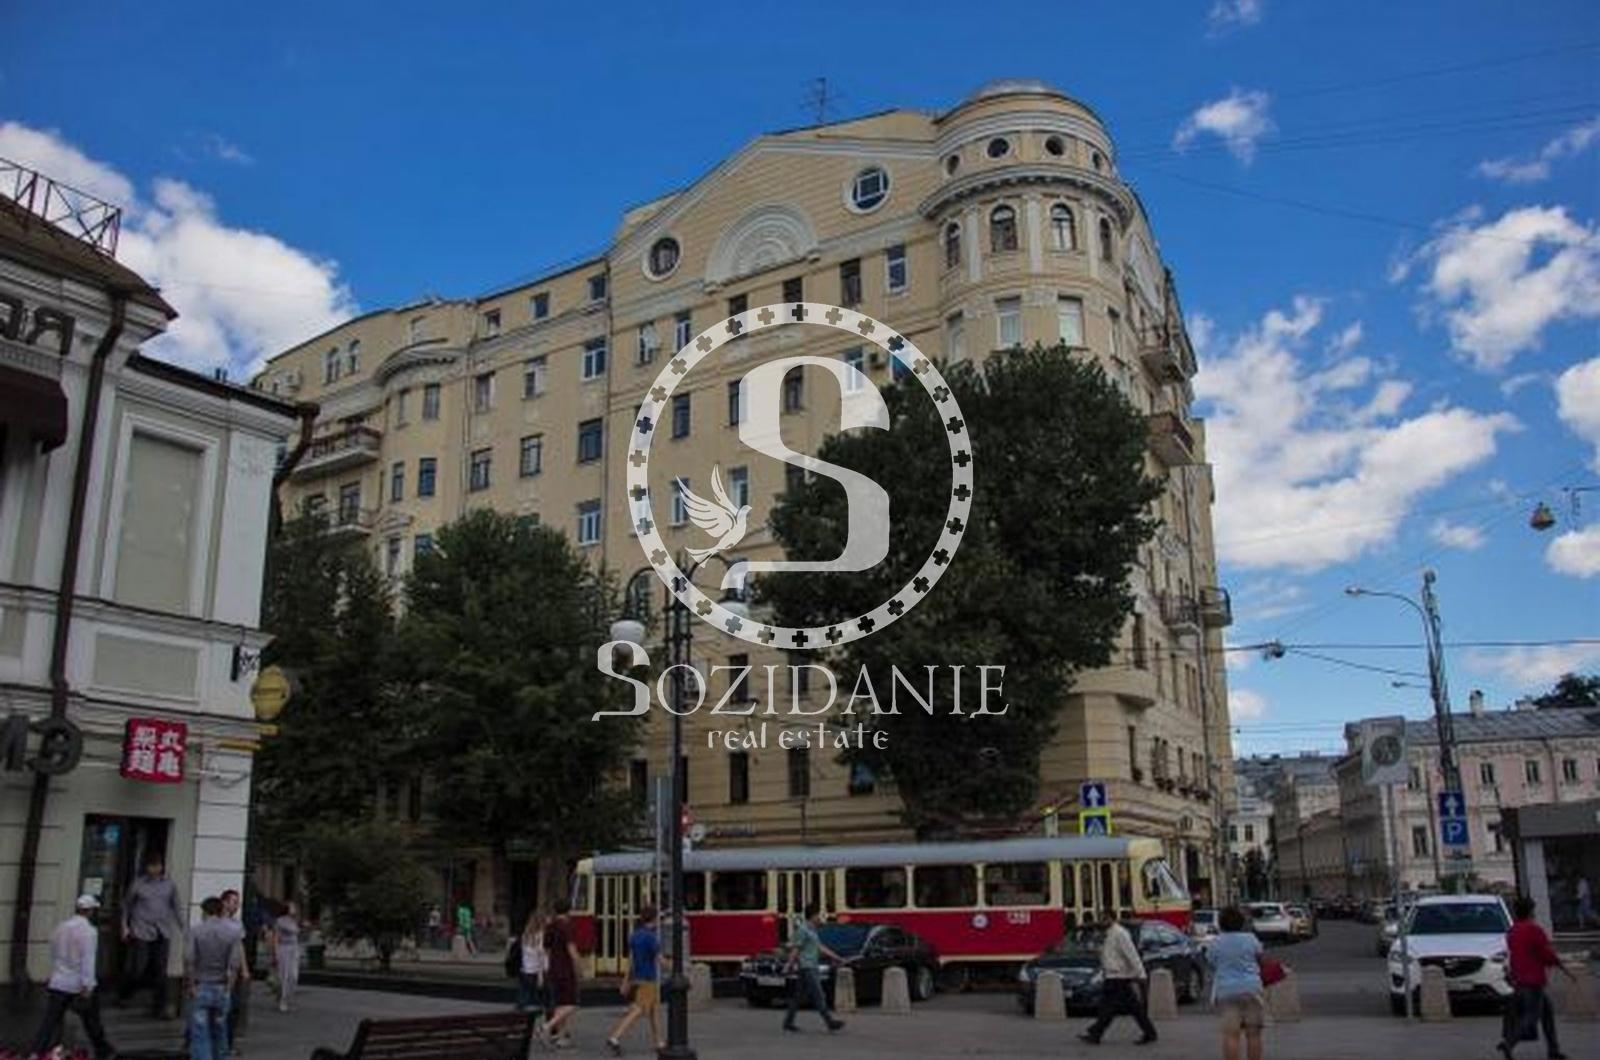 4 Комнаты, Городская, Аренда, Климентовский переулок, дом 6, Listing ID 1578, Москва, Россия,